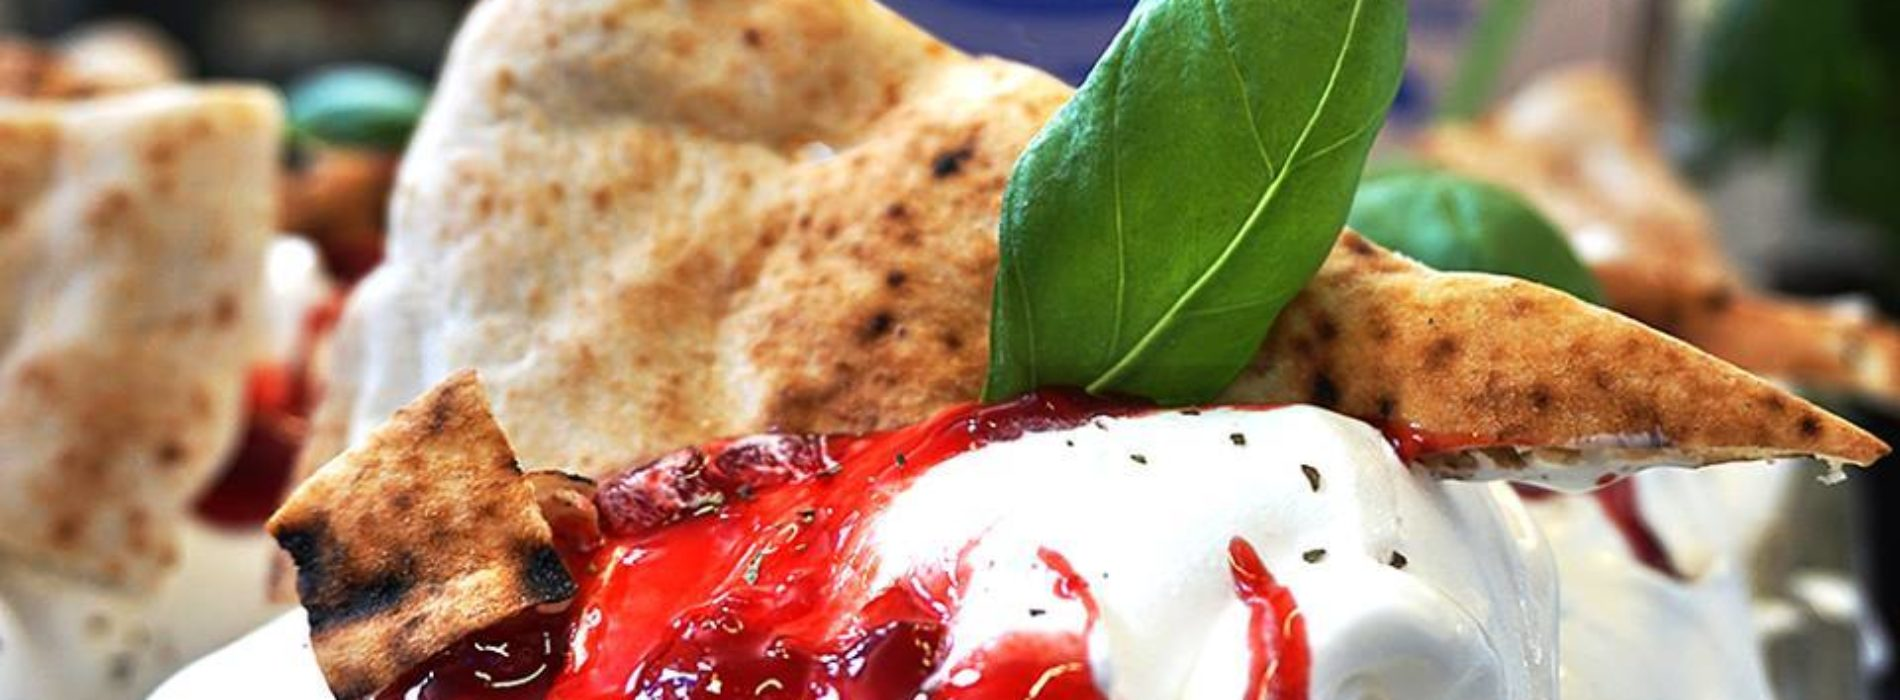 Il Gelato Pizza Napoletana: un prodotto di Casa Infante e Gino Sorbillo